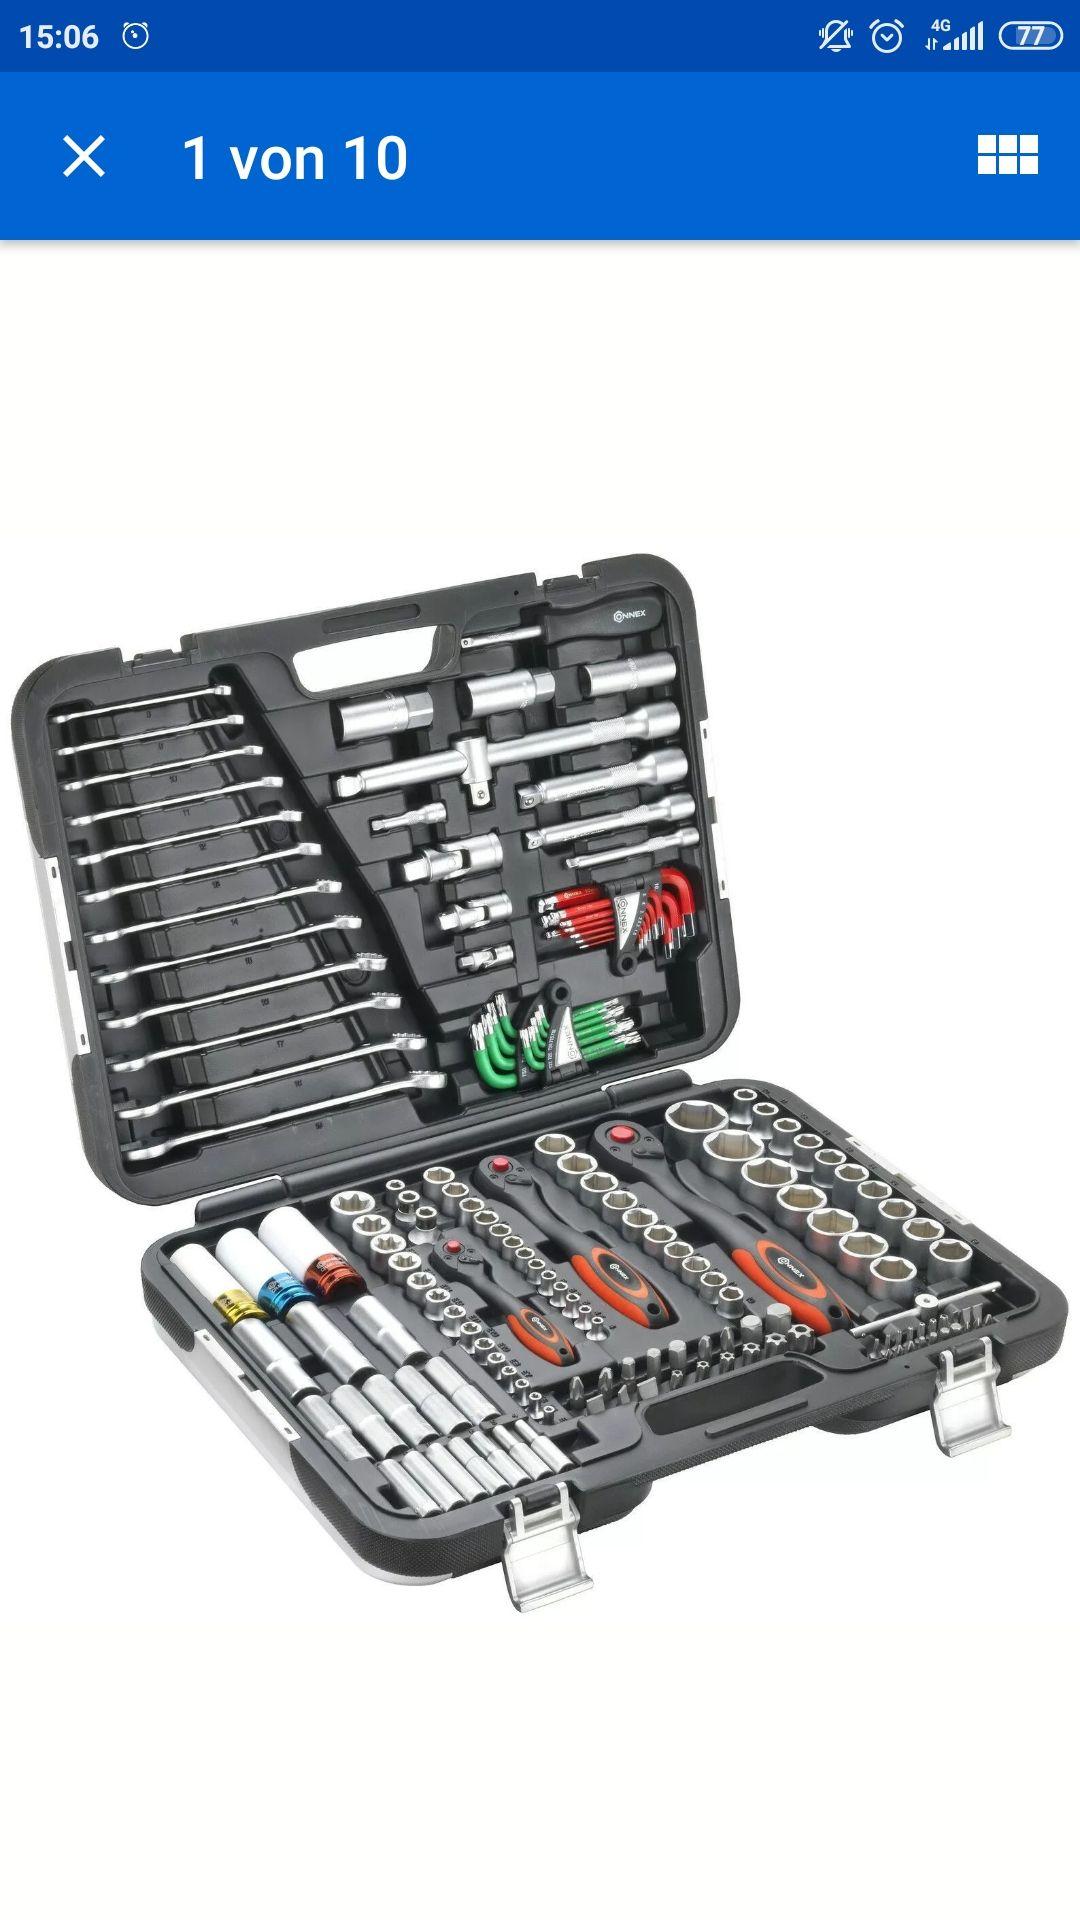 [ebay] CONNEX Premium - Werkzeugkoffer / Steckschlüsselset KFZ, 160-teilig,COXBOH600160